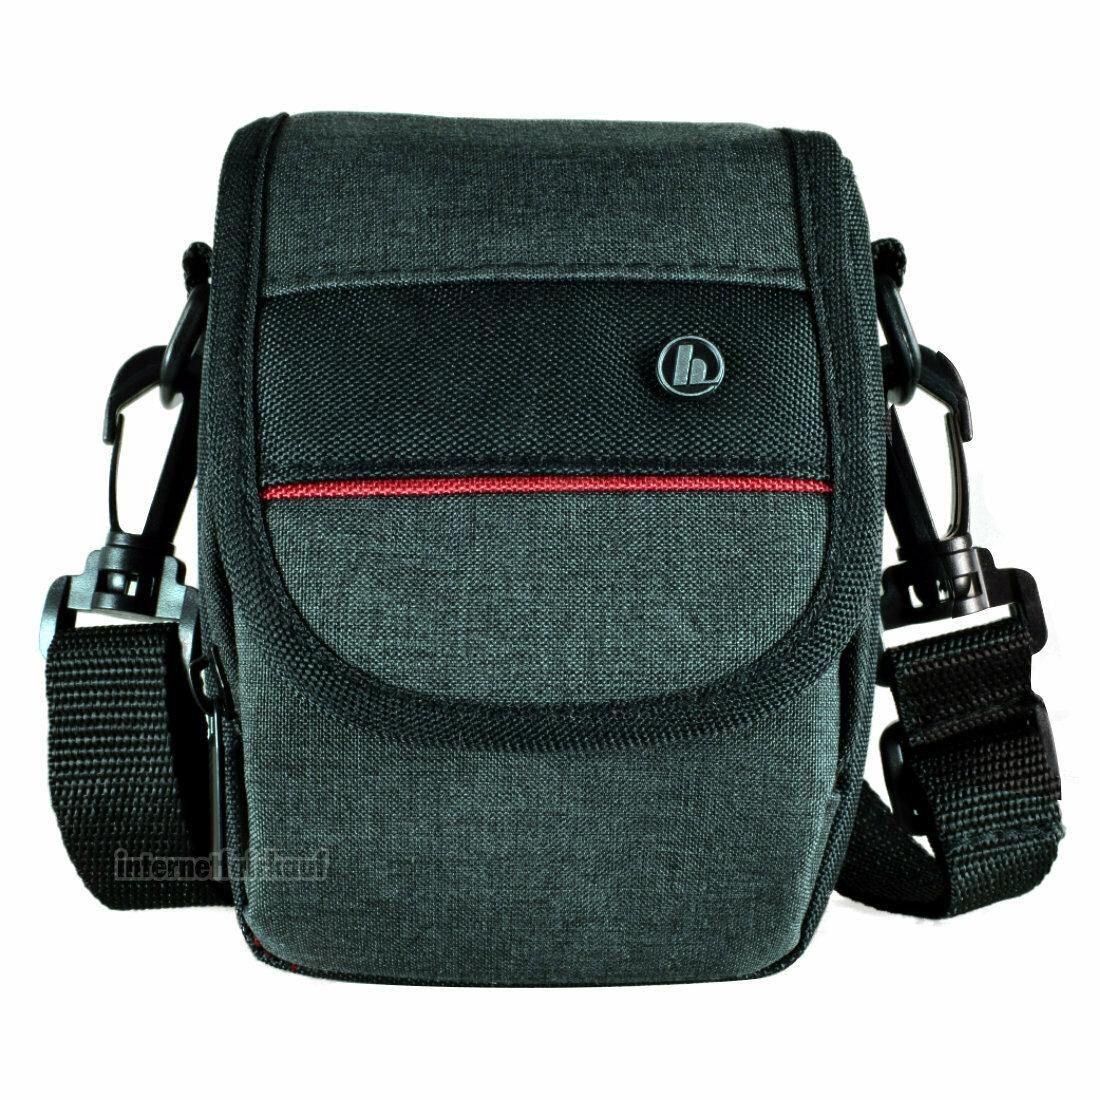 Kameratasche Fototasche passend für Fuji Fujifilm FinePix S8600